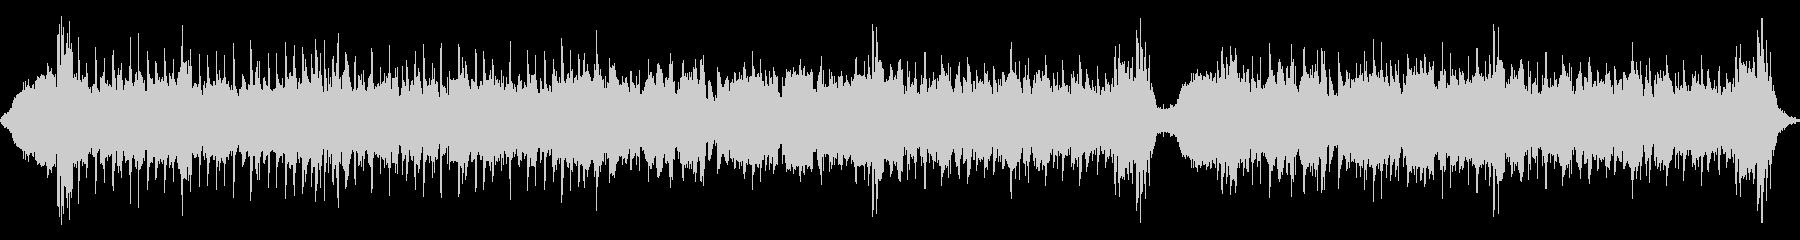 「サーフロック」ムードのインストゥ...の未再生の波形